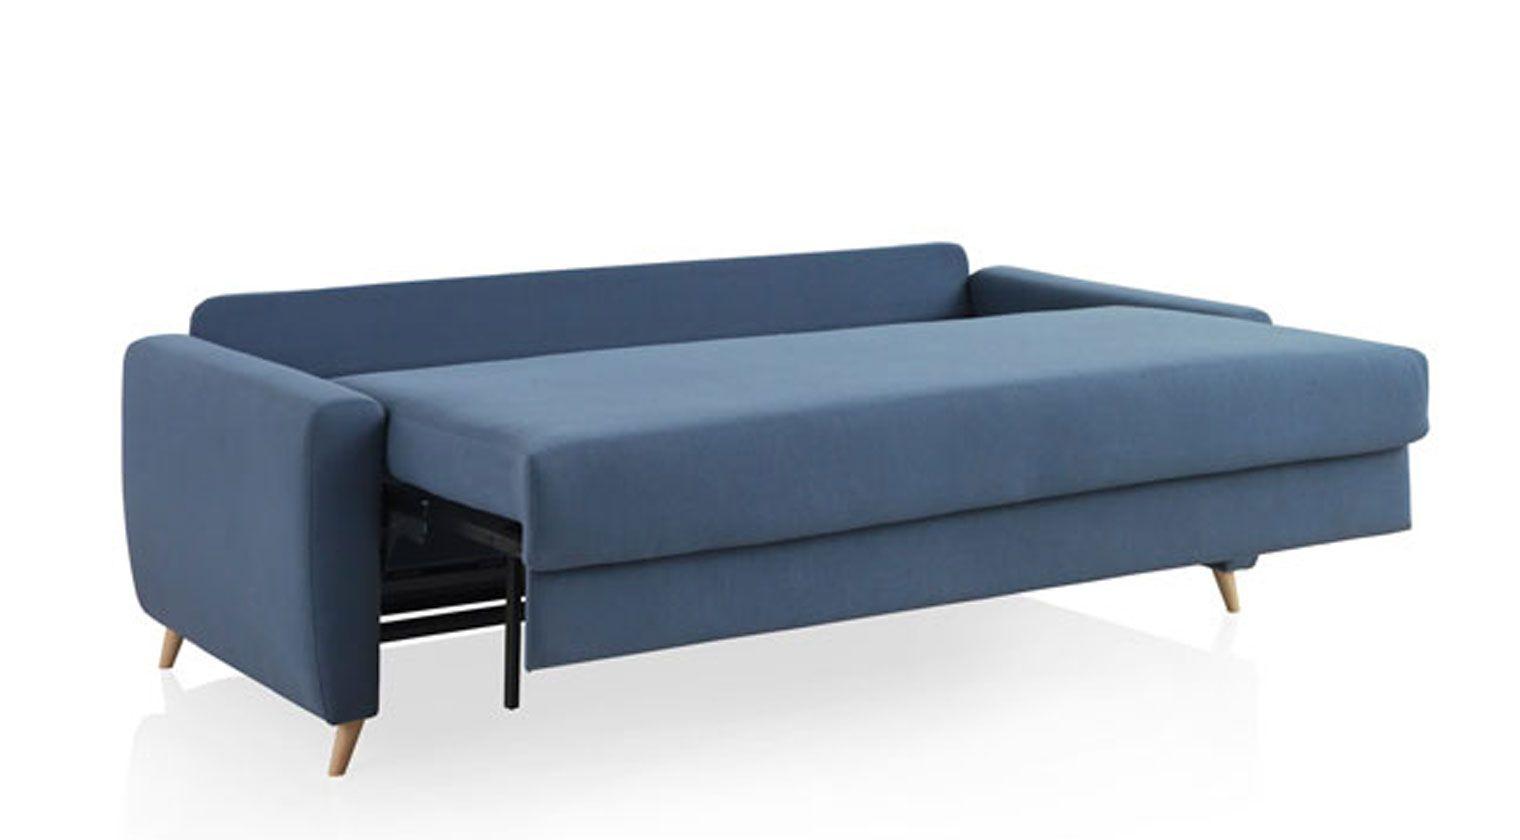 Comprar sof cama nice 1 plaza cama de 80x190 cm buzo for Sofas baratos asturias